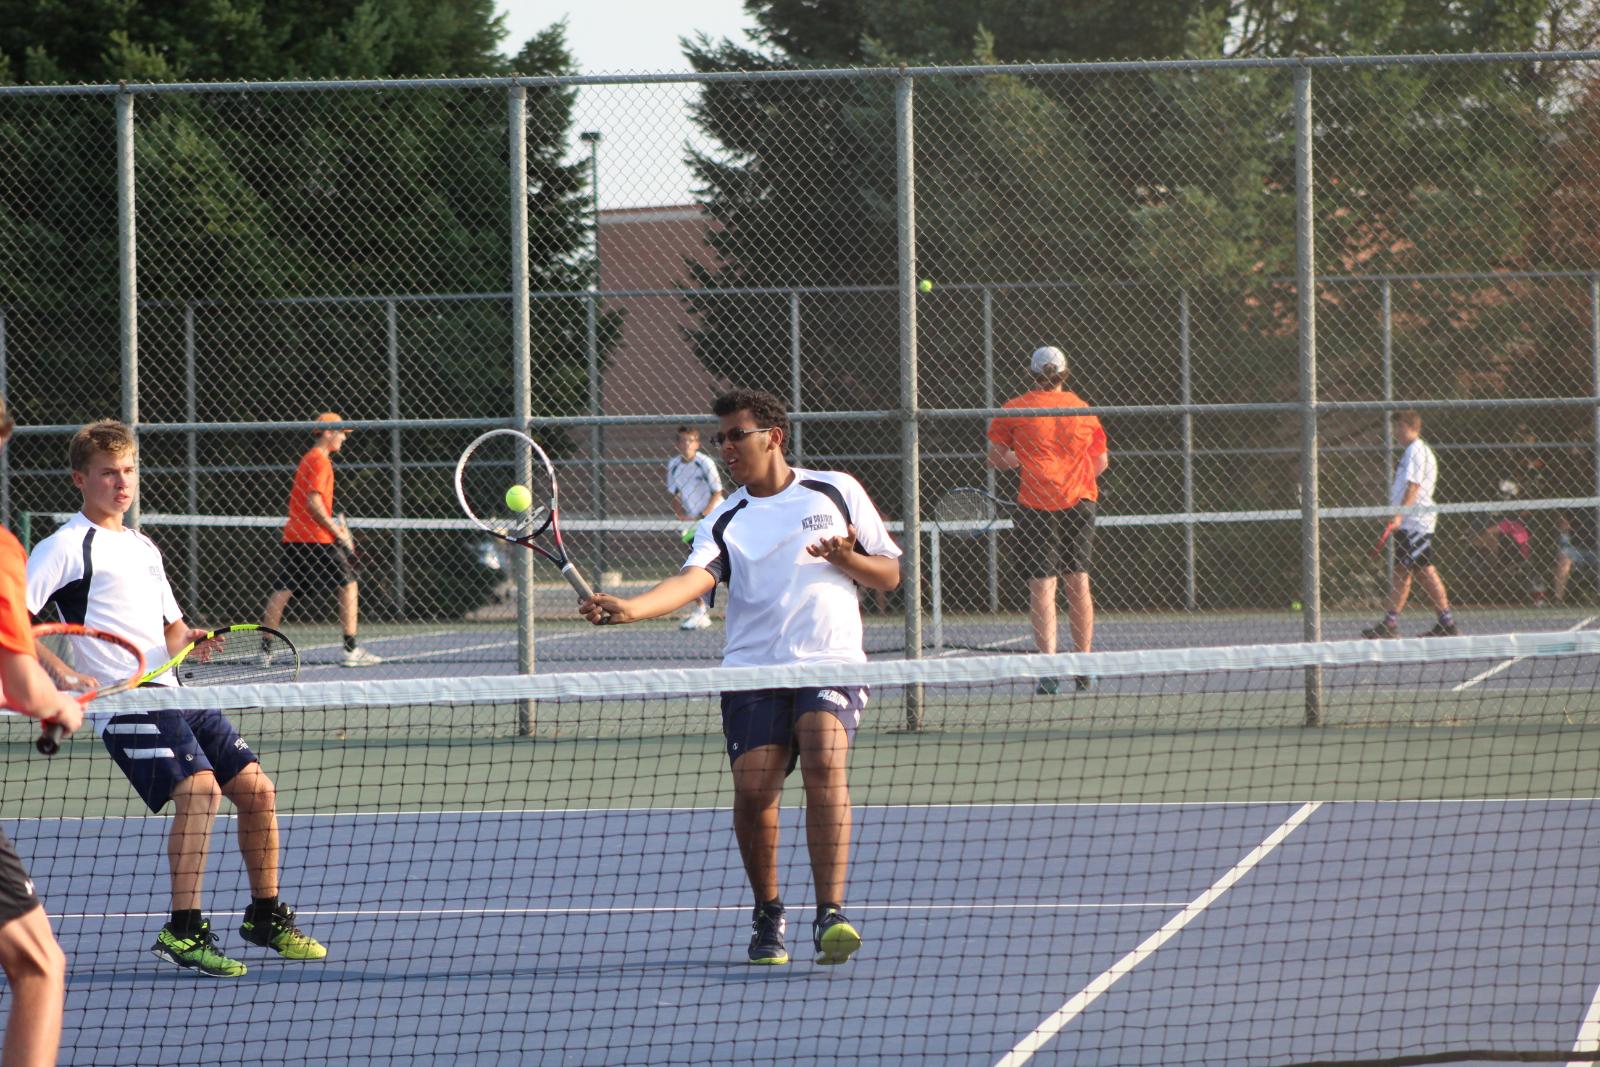 Boys Tennis vs. La Porte 8-26-20  (Photo Gallery)